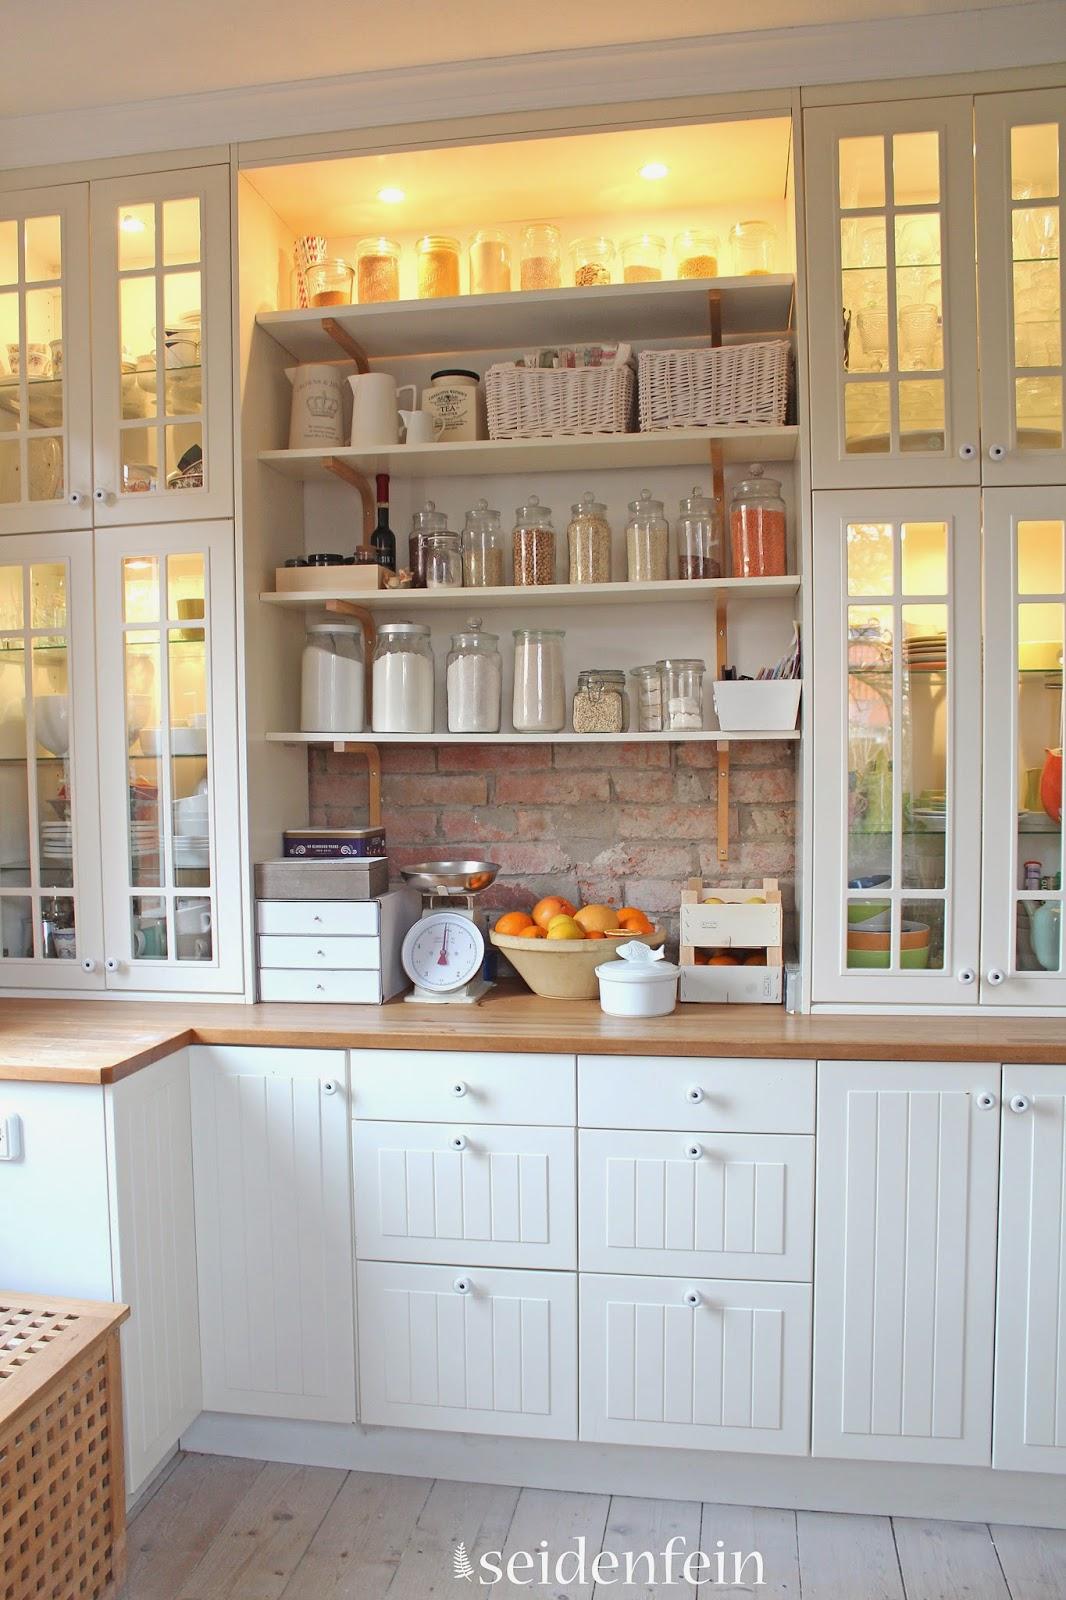 seidenfeins blog vom schönen landleben: küchen make-over * little